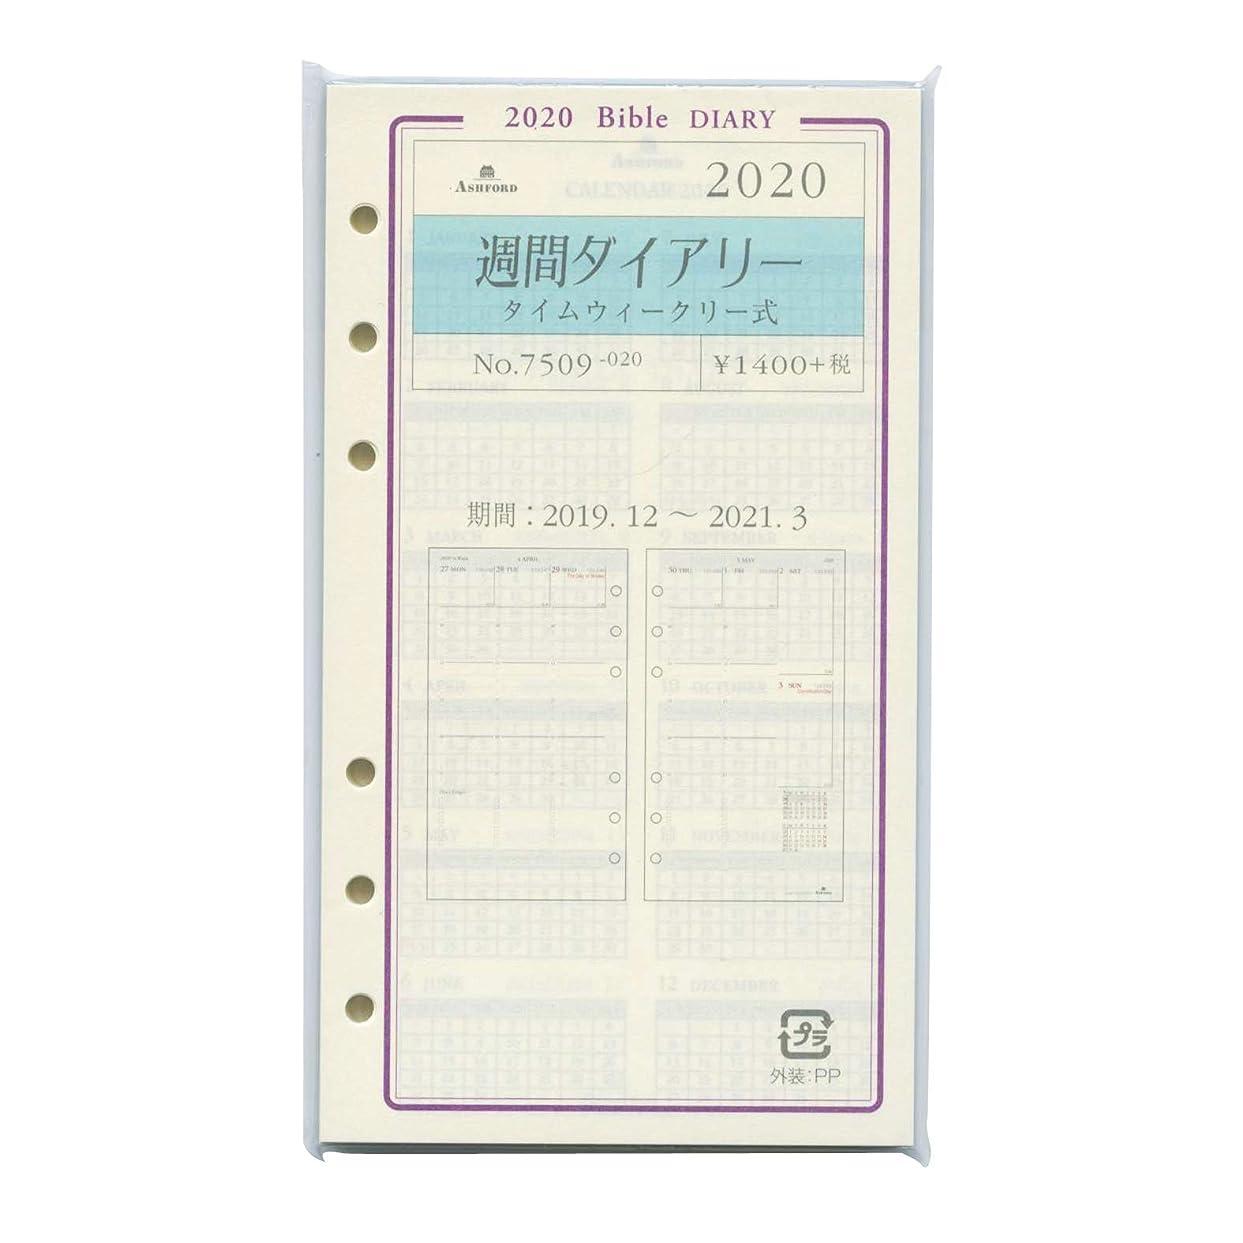 商業の放送マークされた2020年版 バイブルサイズ グレース 週間ダイアリー タイムウィークリー式 システム手帳リフィル